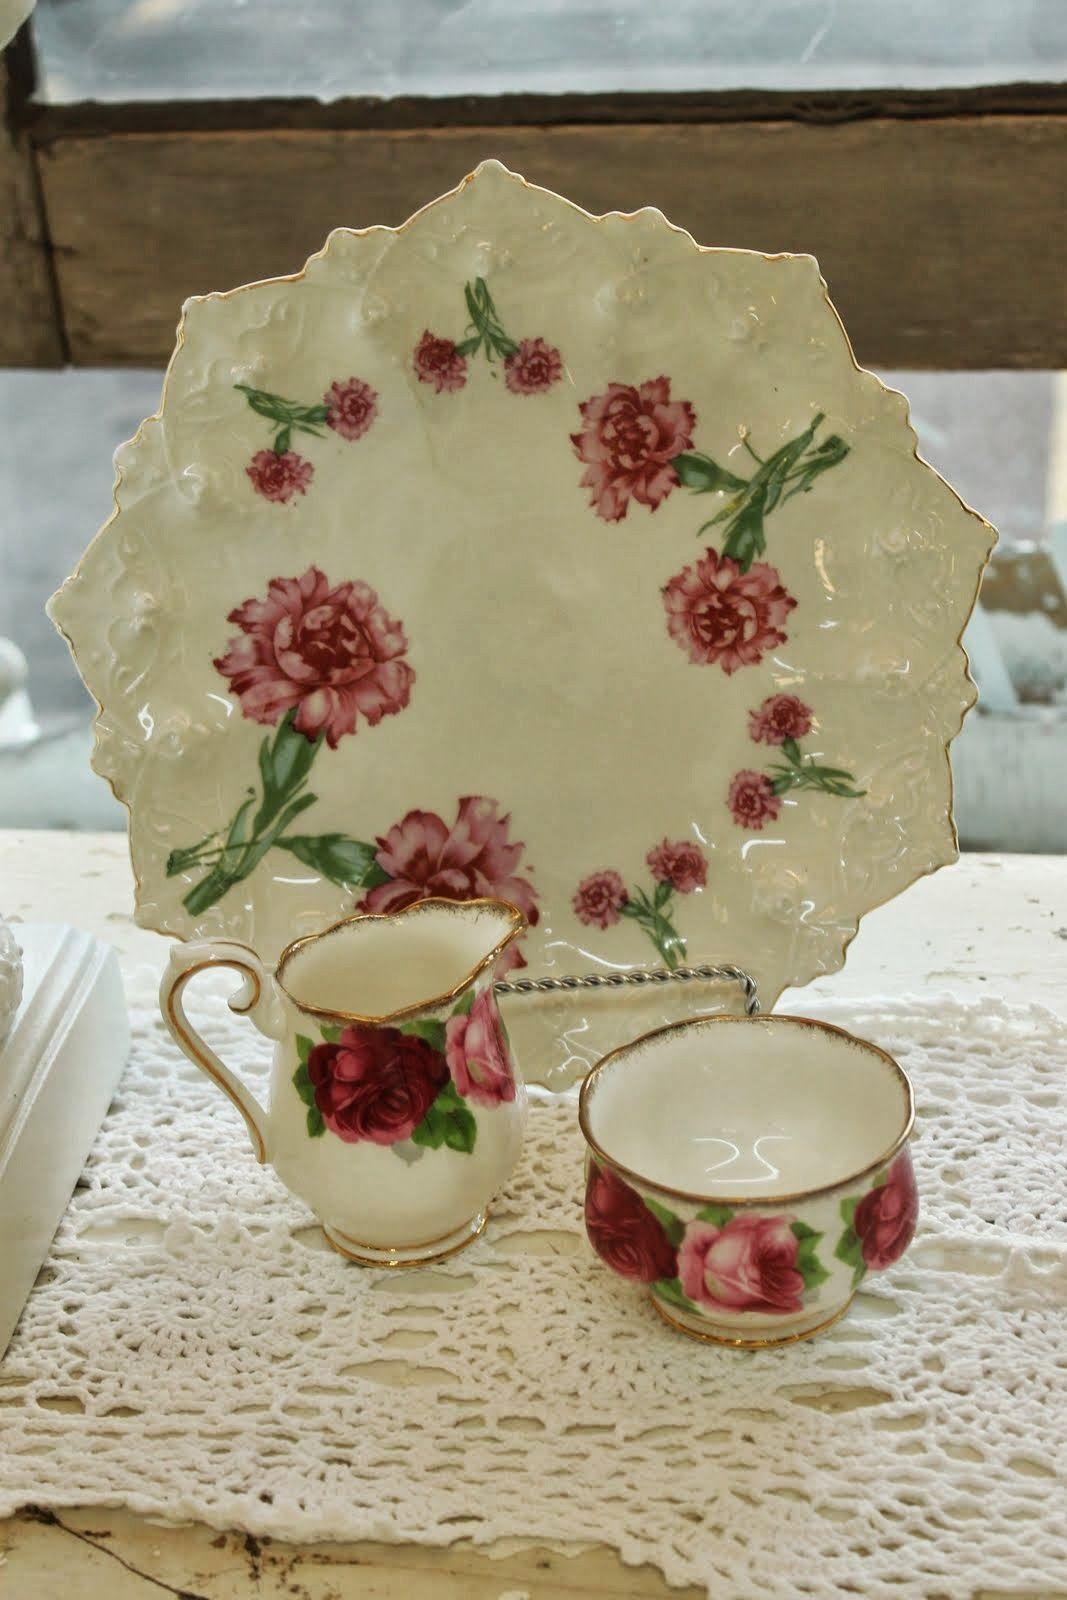 Rose milk jug and sugar bowl